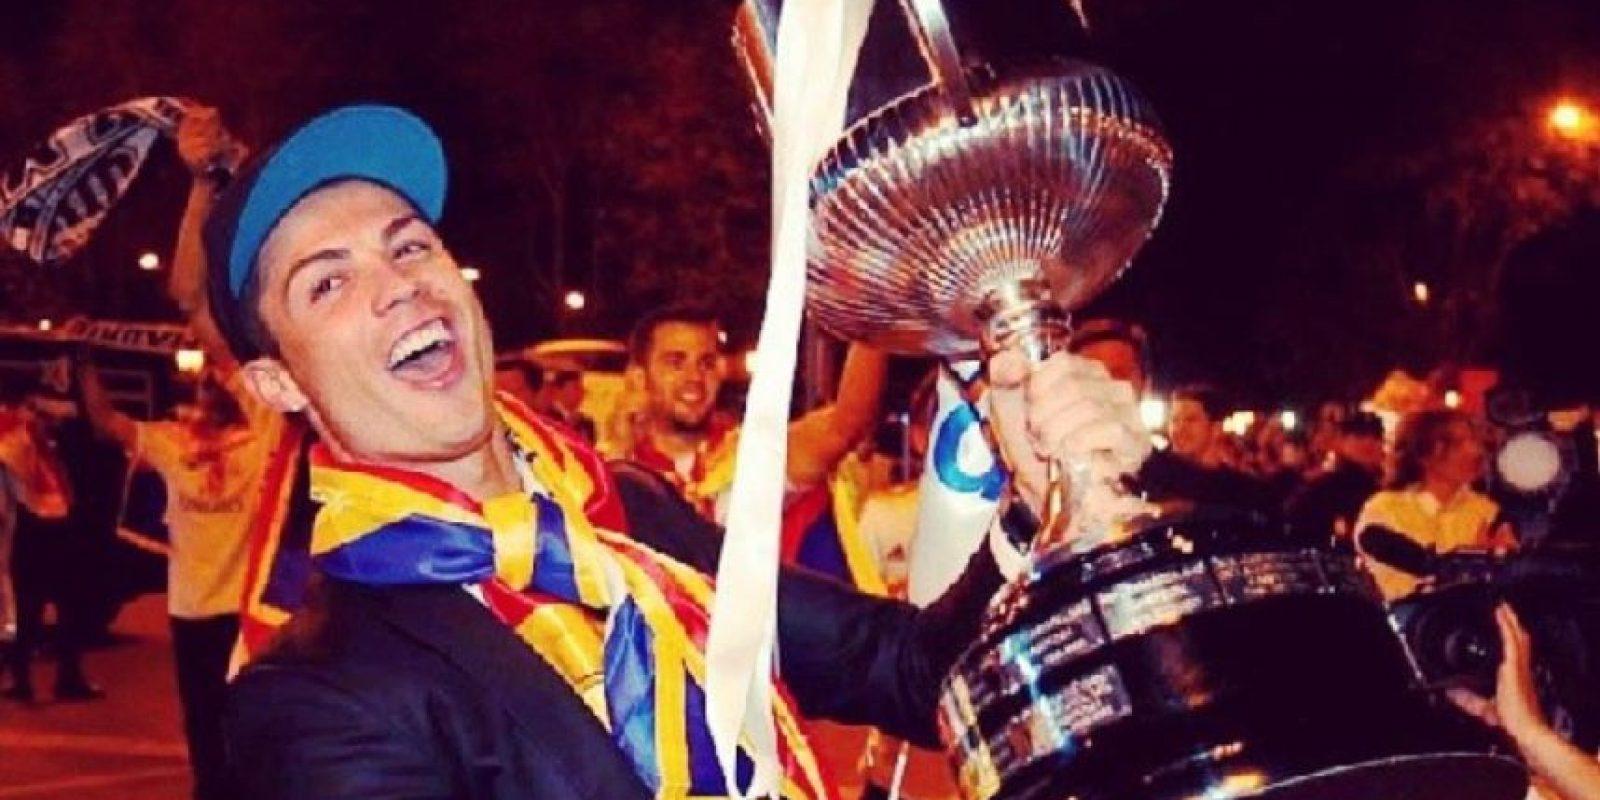 Copa del Rey con el Real Madrid ante el Atlético de Madrid. Foto:¡nstagram.com/cristiano